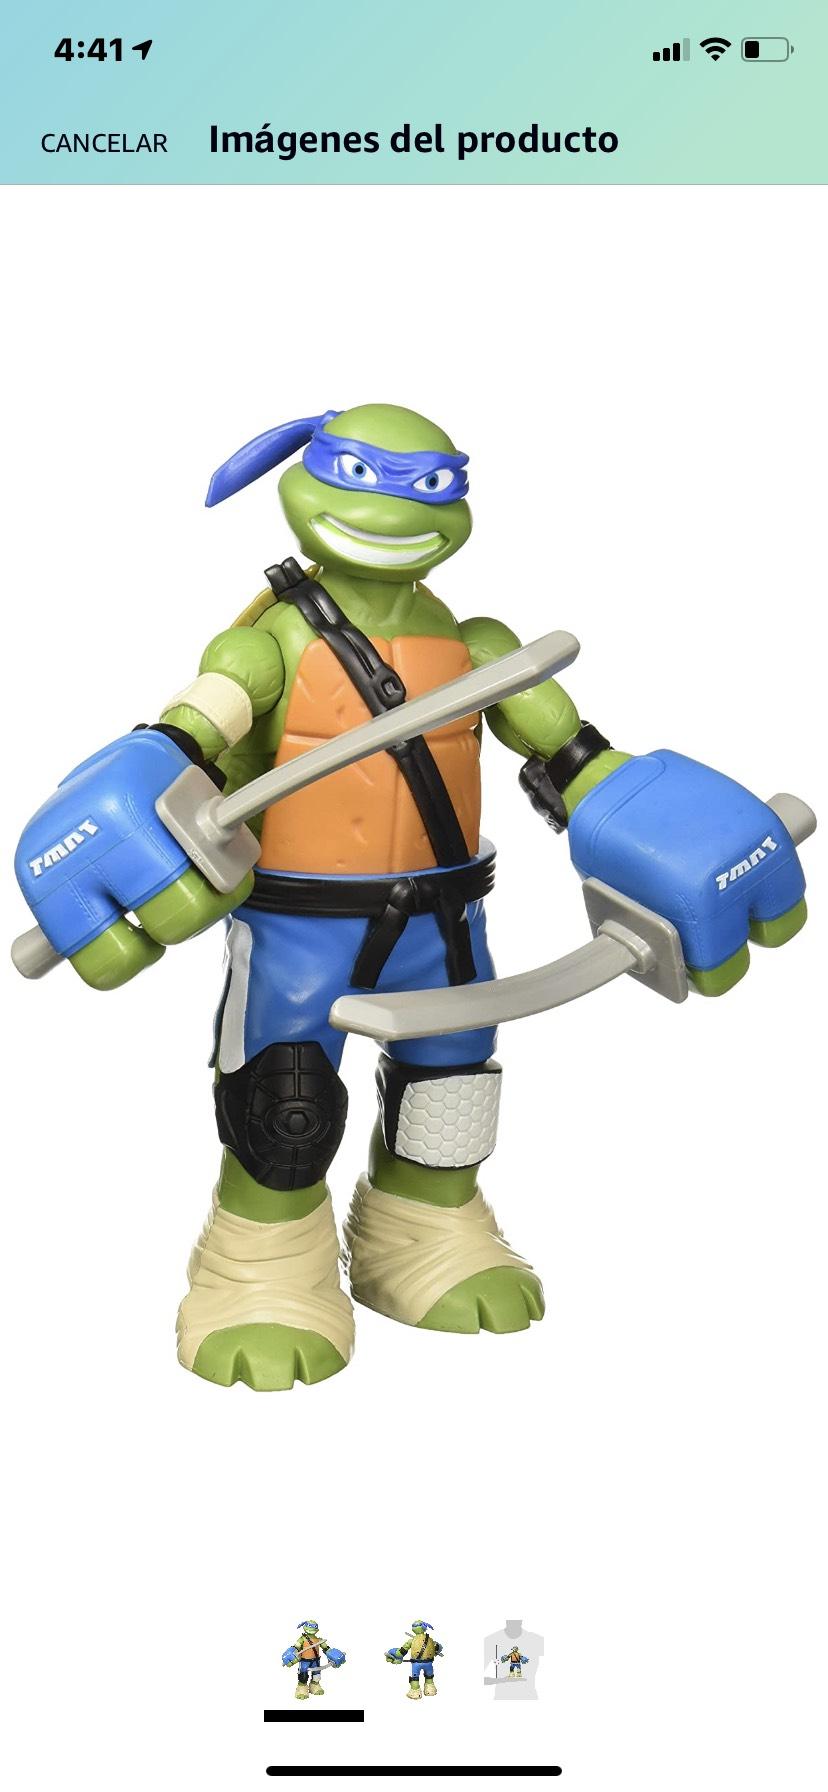 Amazon: Leonardo de las Tortugas Ninja